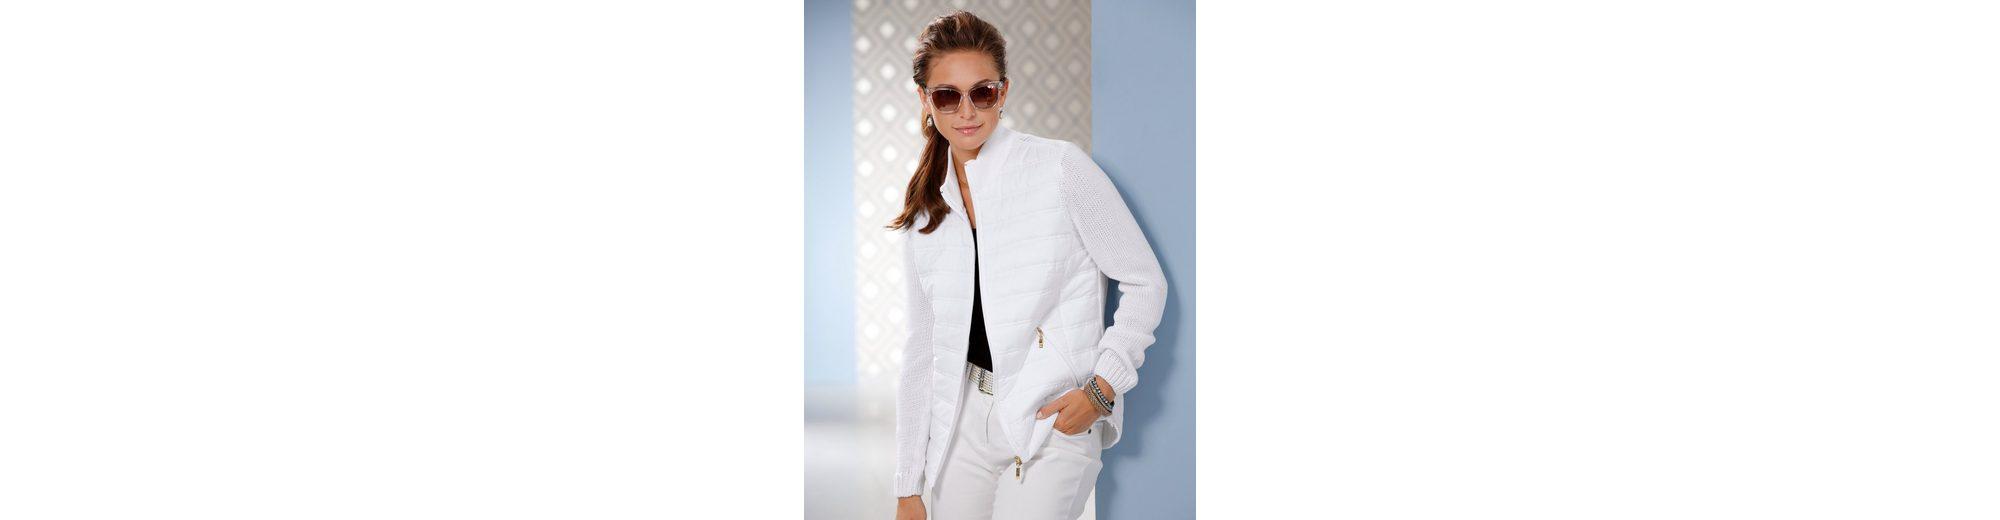 Mona Strickjacke mit gestepptem Vorderteil Verkauf Hochwertige Online Einkaufen Freies Verschiffen Rabatt Kostenloser Versand Shop Billig Verkauf Mit Paypal VB3WMRs